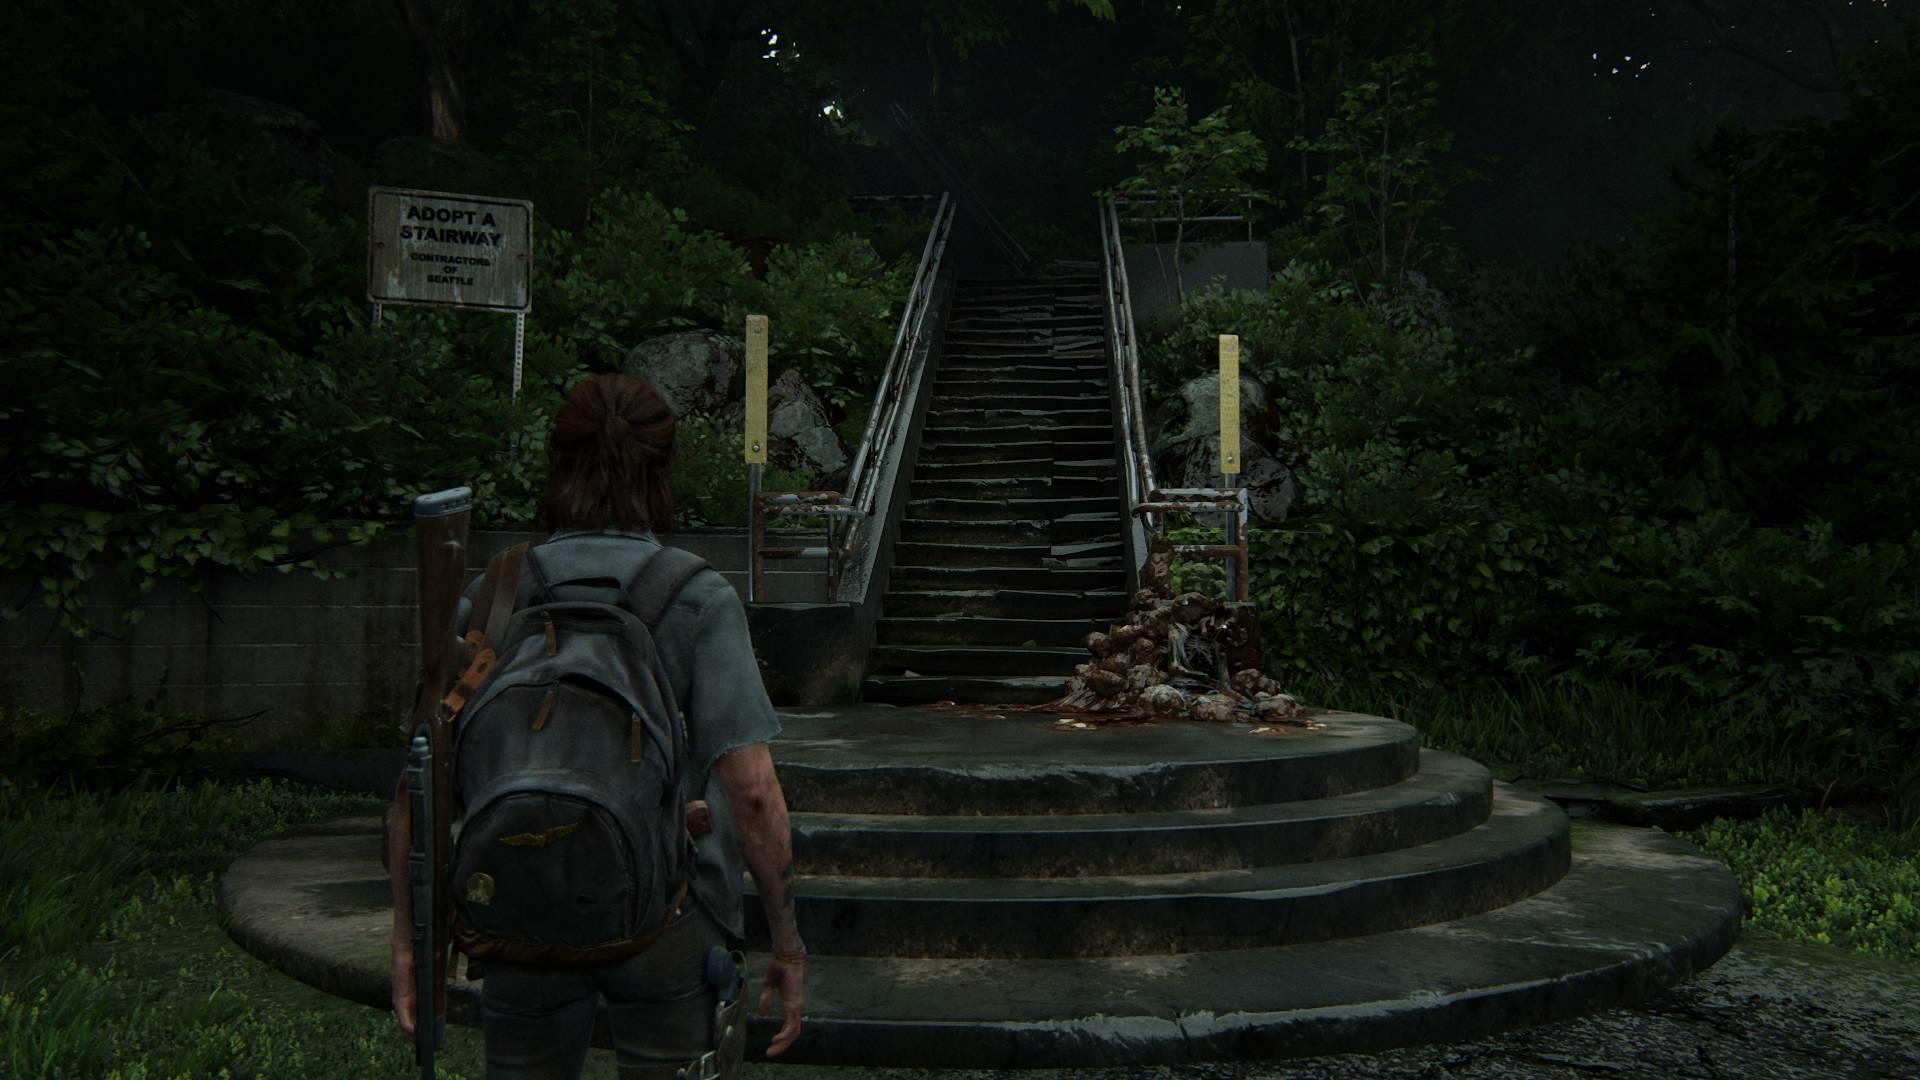 Eine Treppe Führt Hoch Zu Einem ...